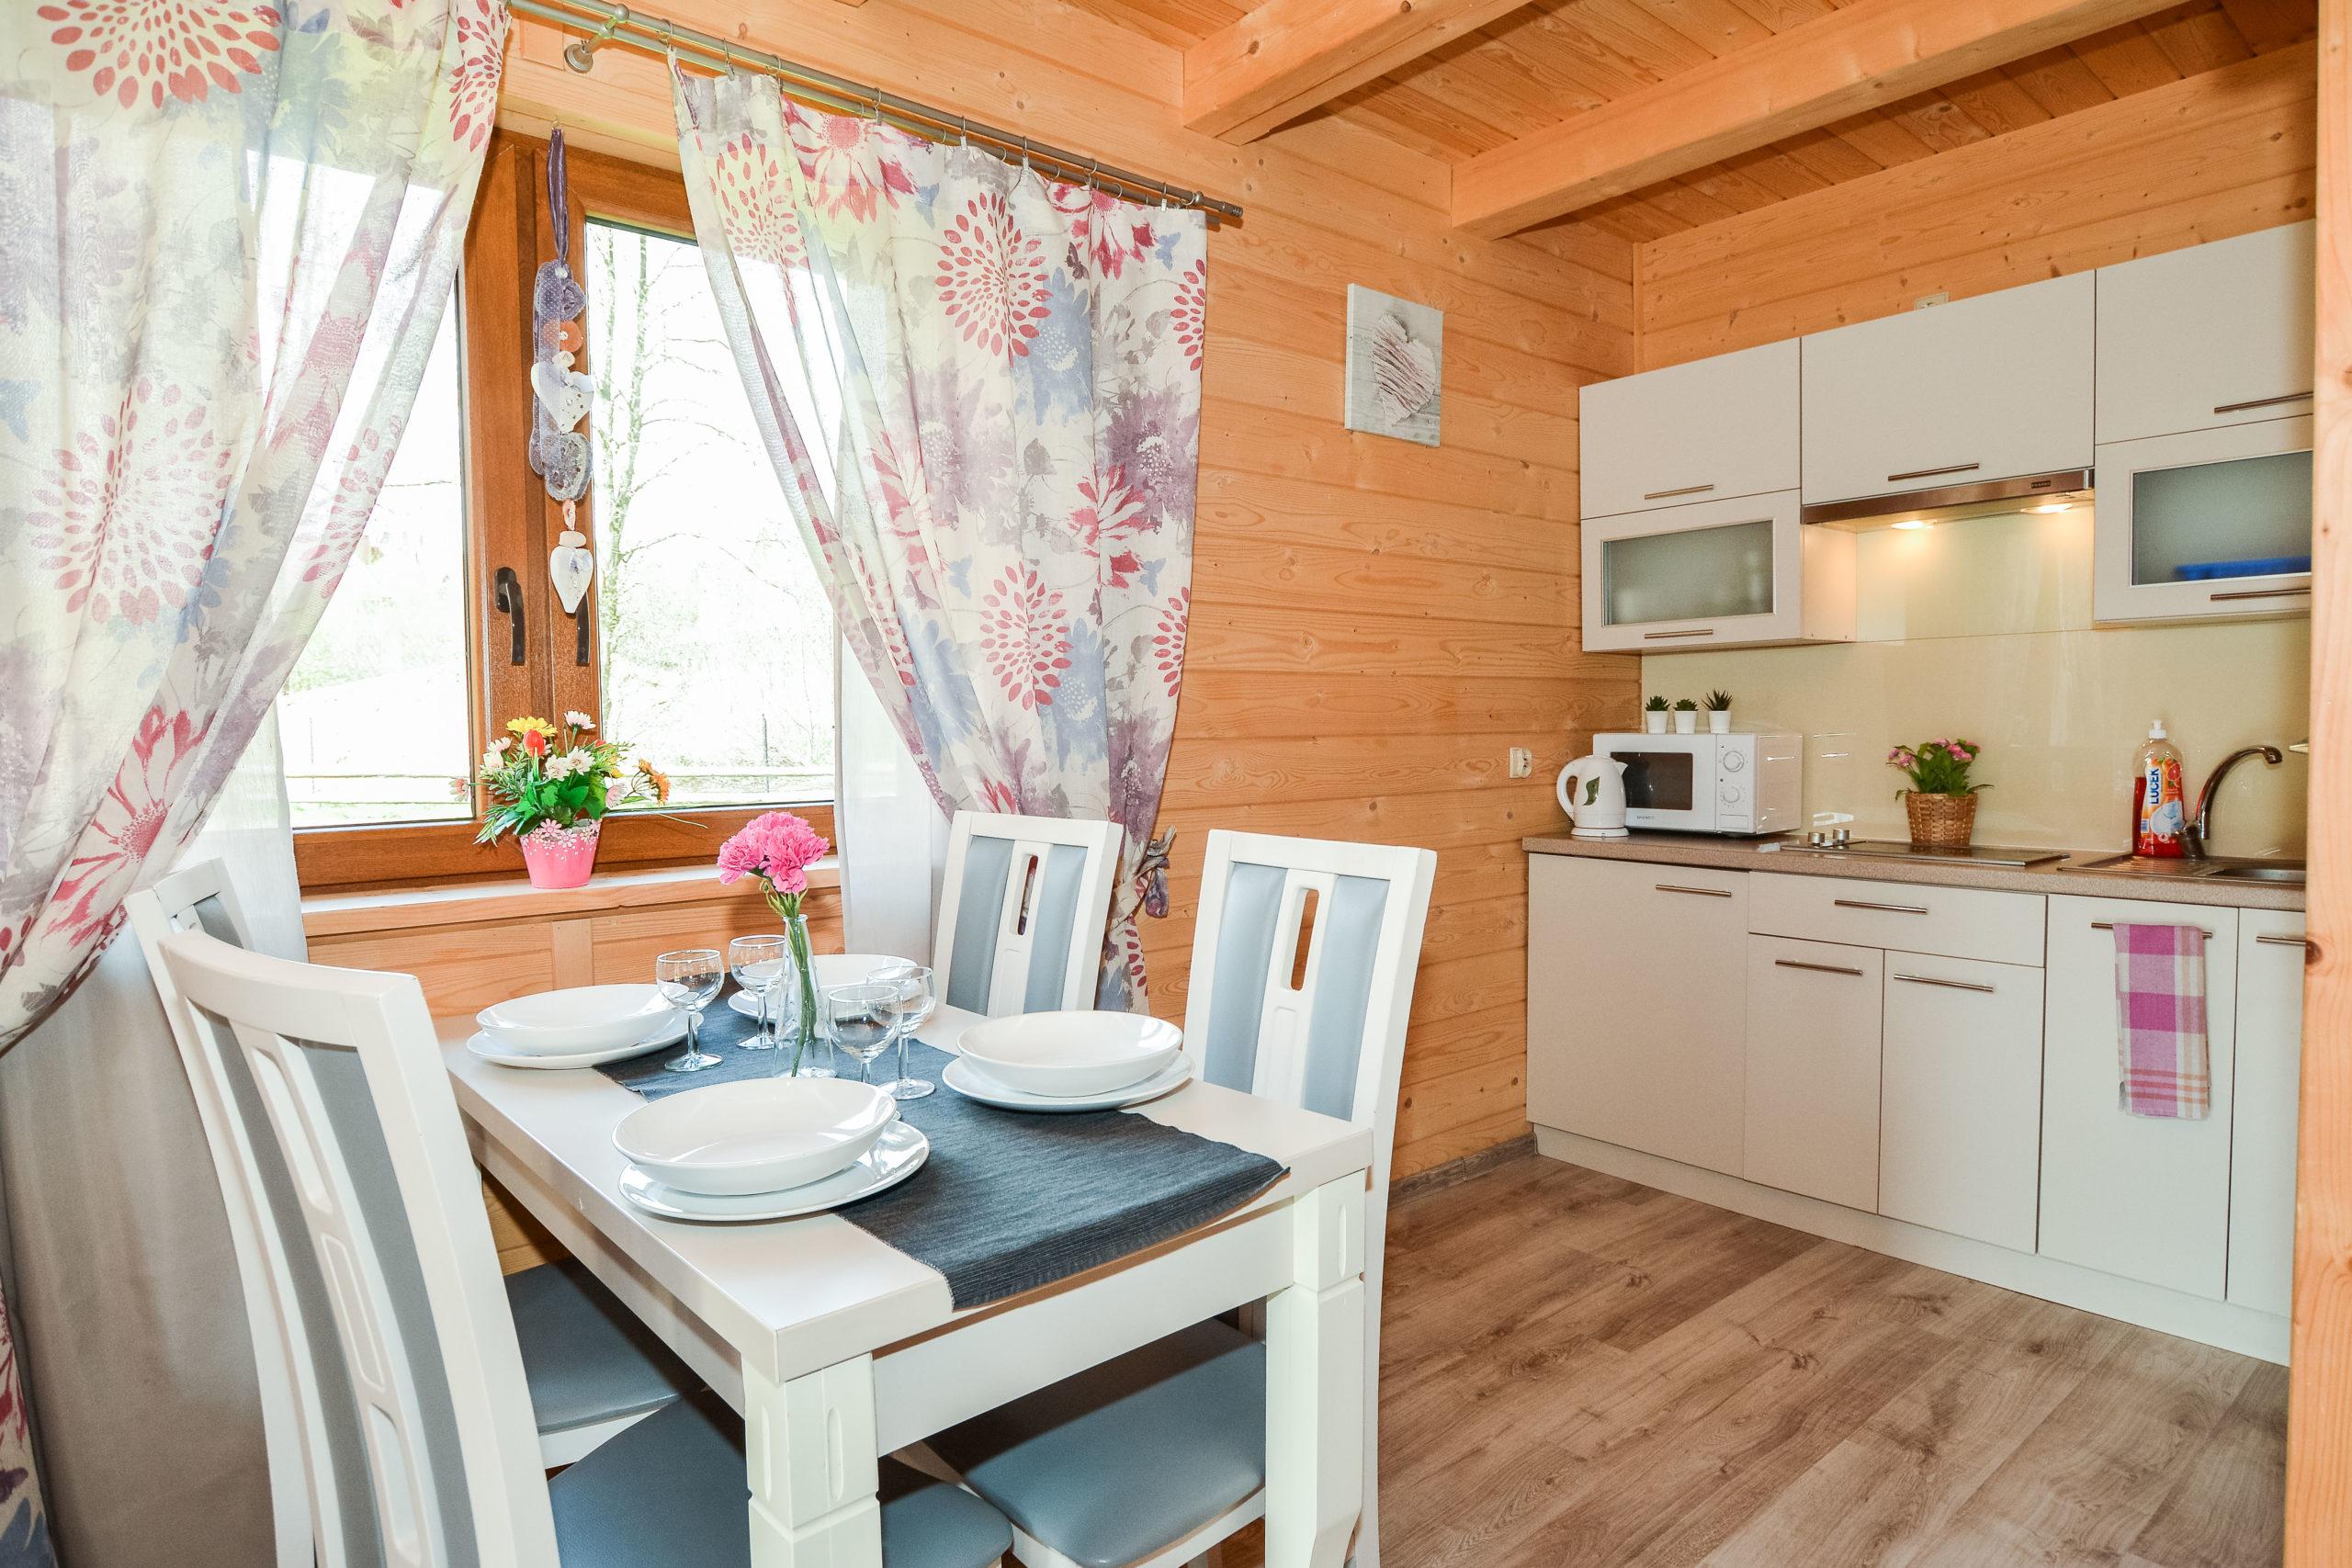 domki-gawra-zakopane-noclegi-drewno-drewniany-domek-scaledwnętrze3